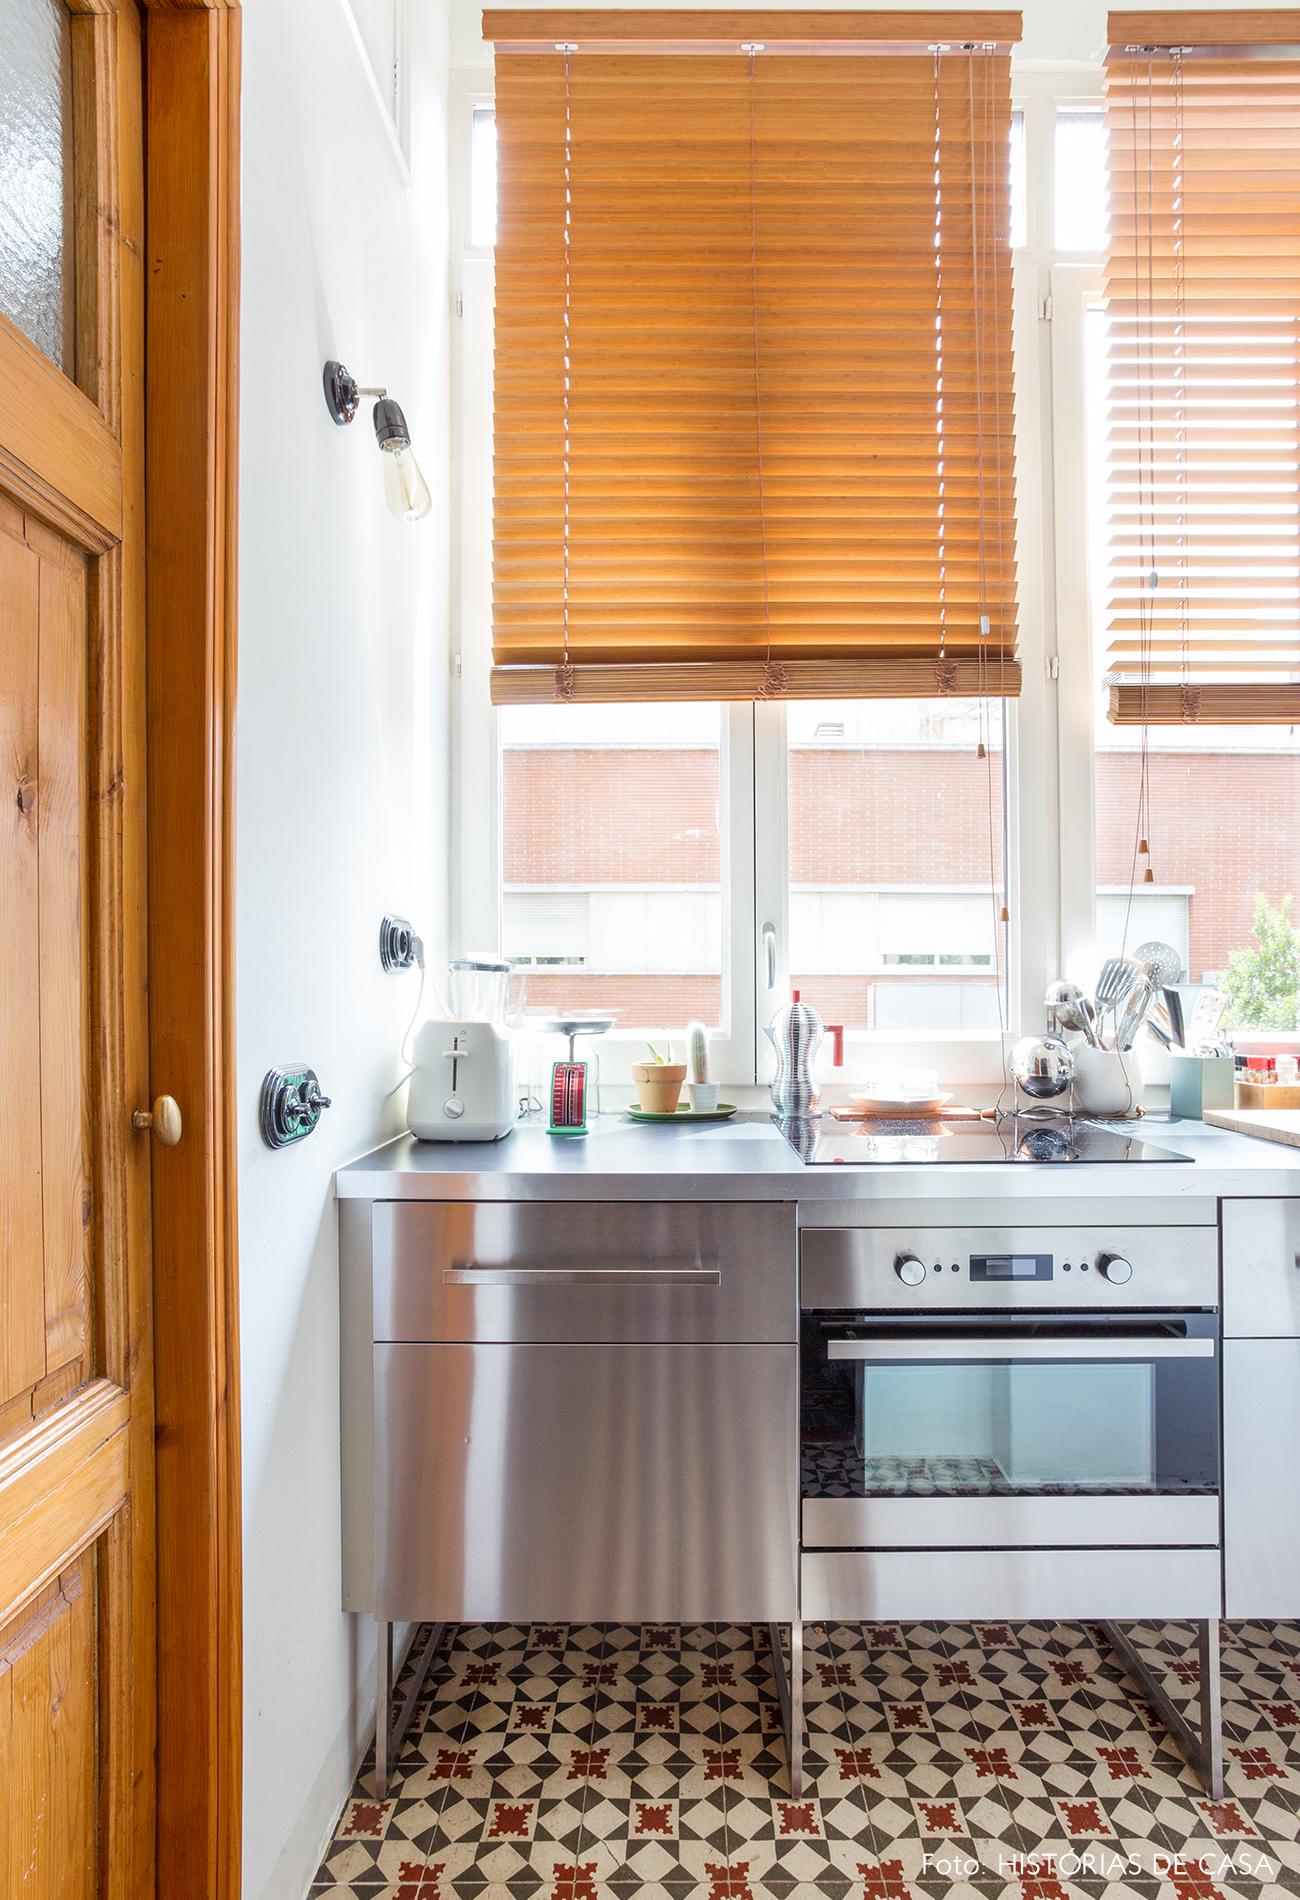 Apartamento cozinha estreita com persiana de madeira